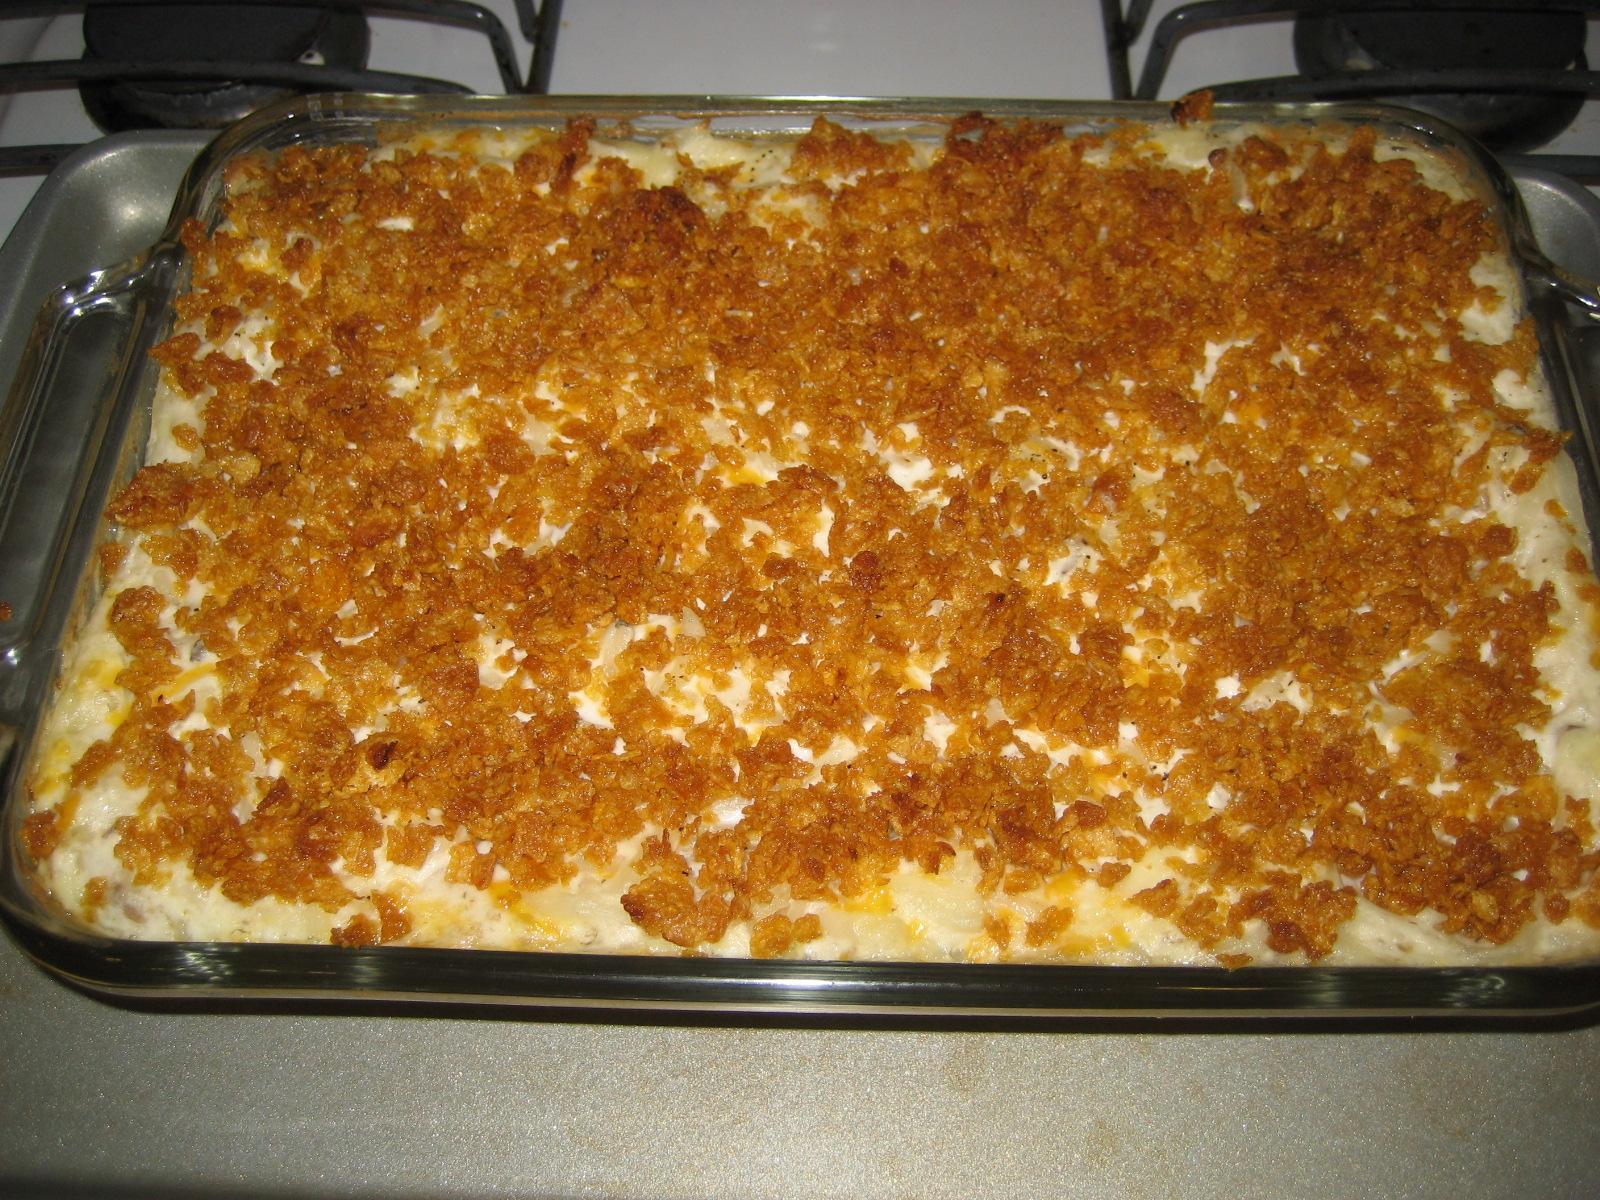 http://heckfridays.blogspot.com/2011/08/creamy-cheesy-potatoes.html